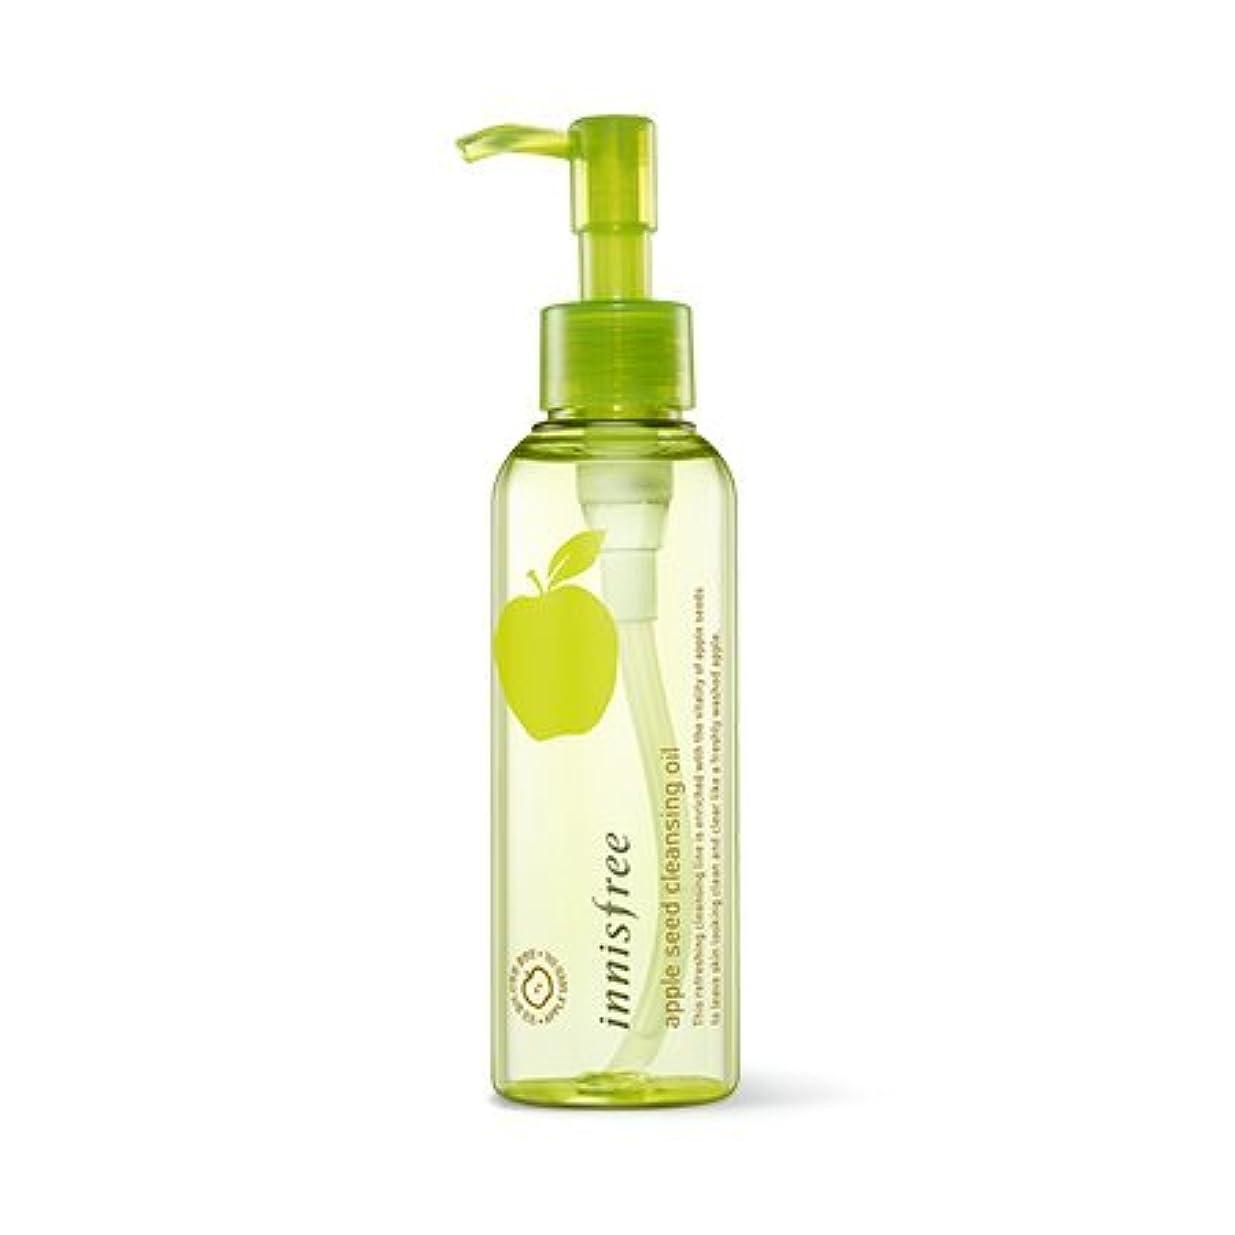 ネコ可決北極圏[New] innisfree Apple Seed Cleansing Oil 150ml/イニスフリー アップル シード クレンジング オイル 150ml